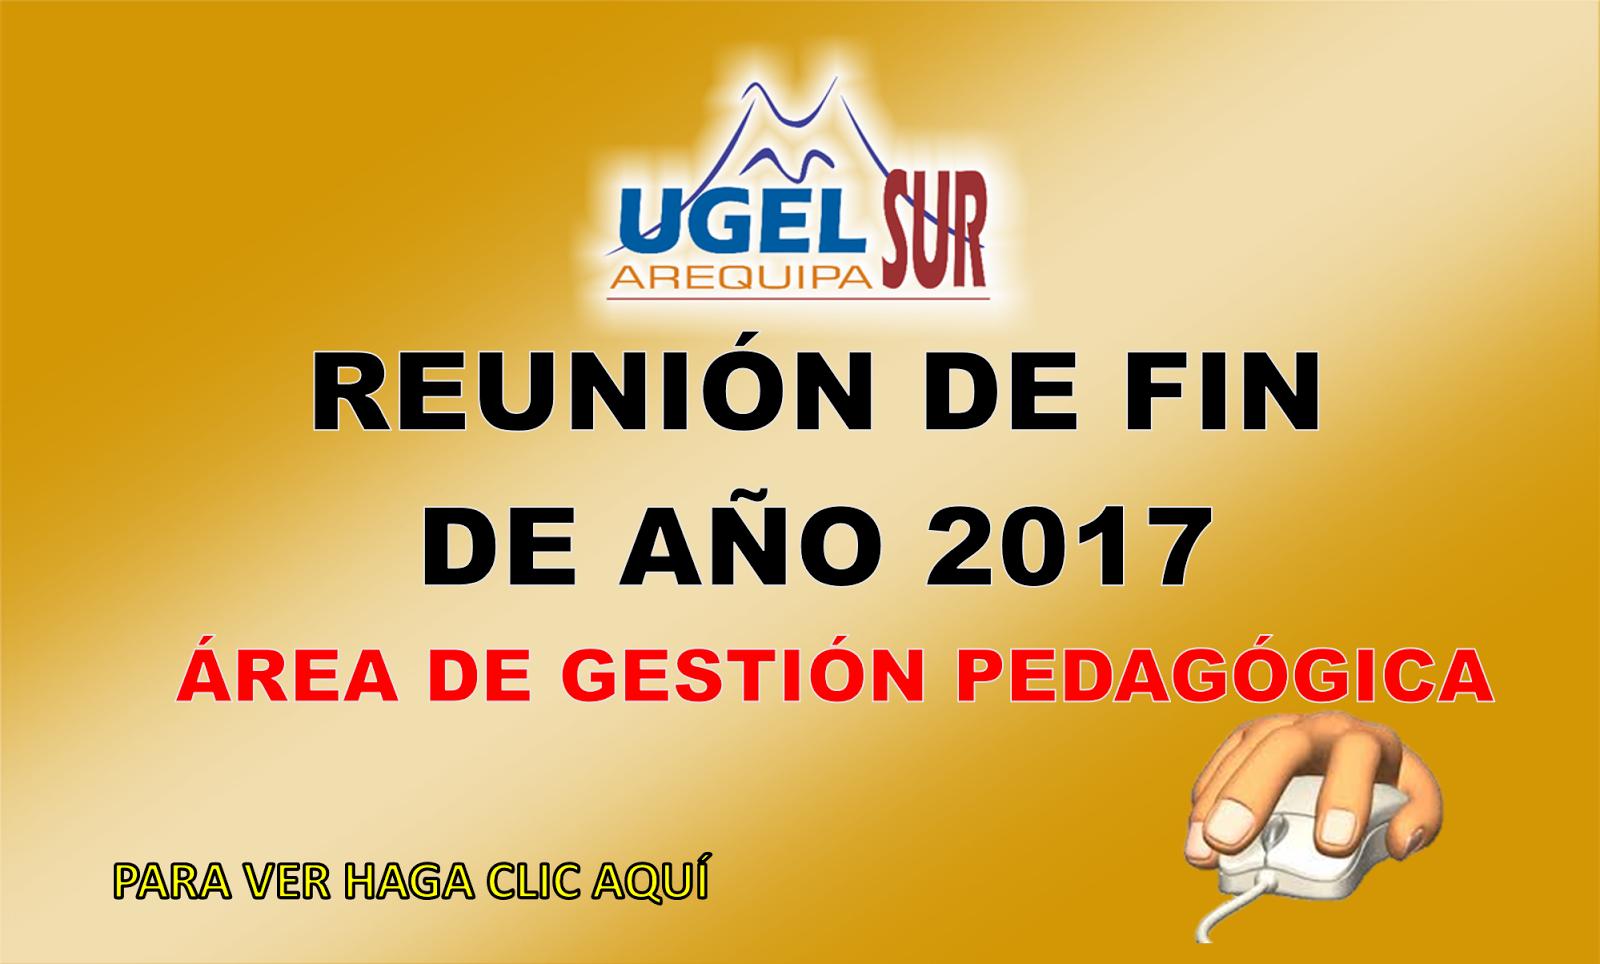 ARCHIVOS DE LA REUNIÓN DE FIN 2017